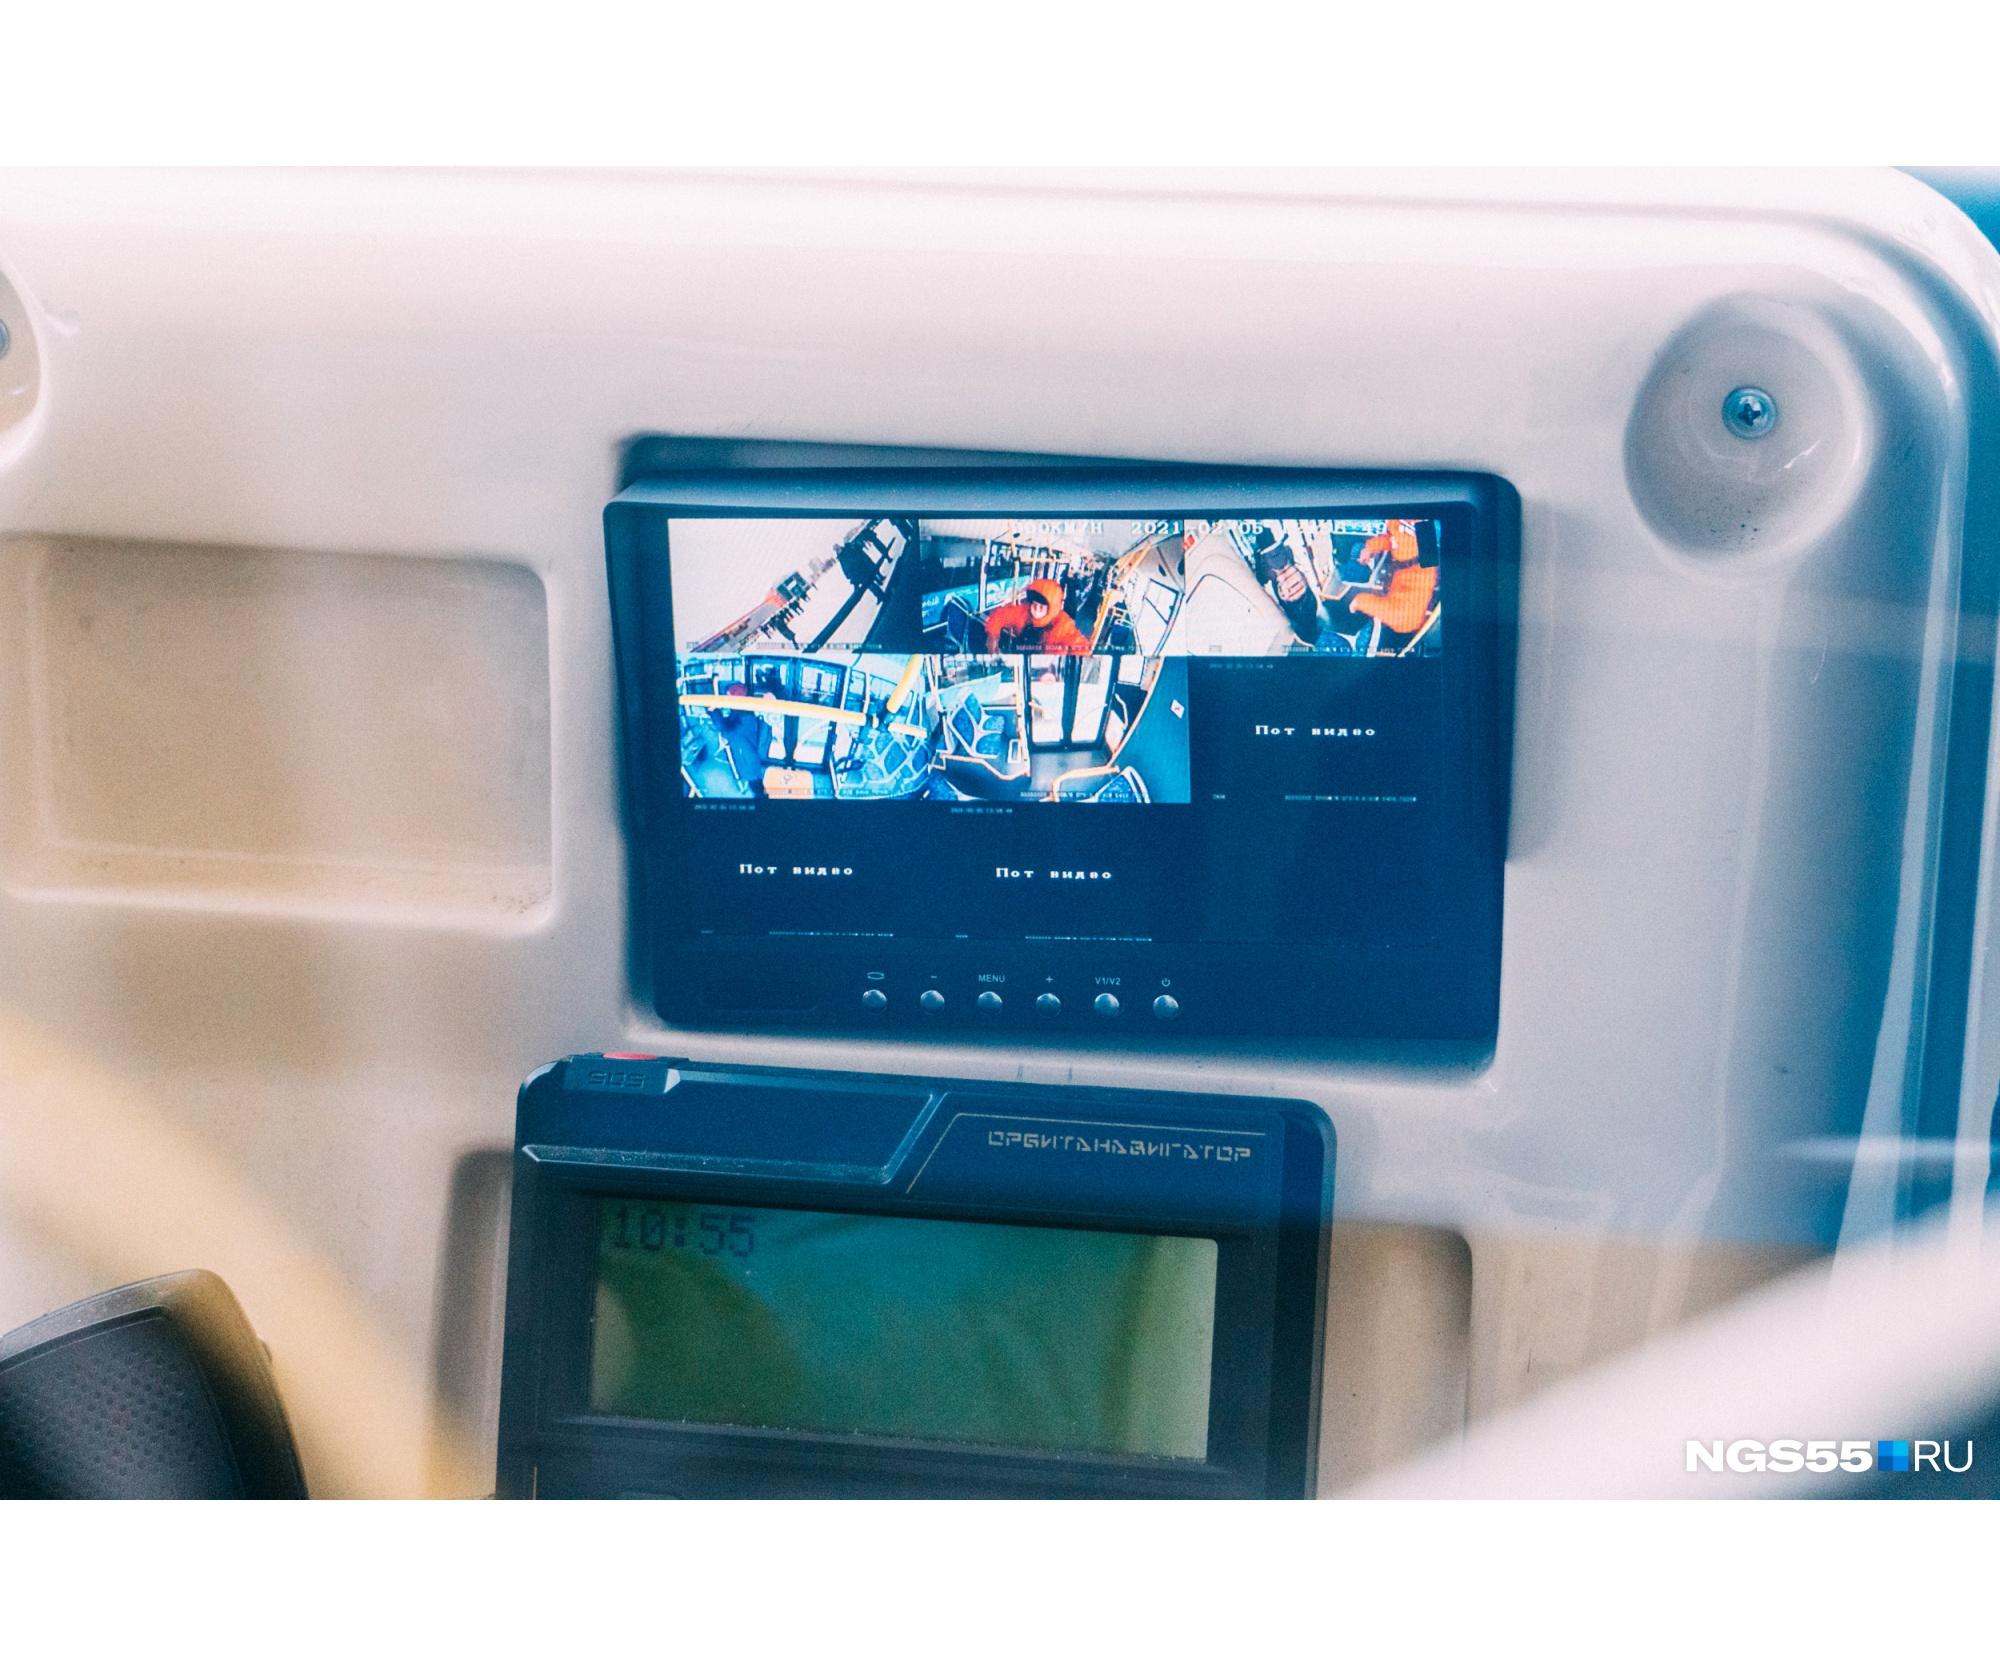 Следить за тем, что происходит в салоне и возле автобуса, можно благодаря установленным камерам